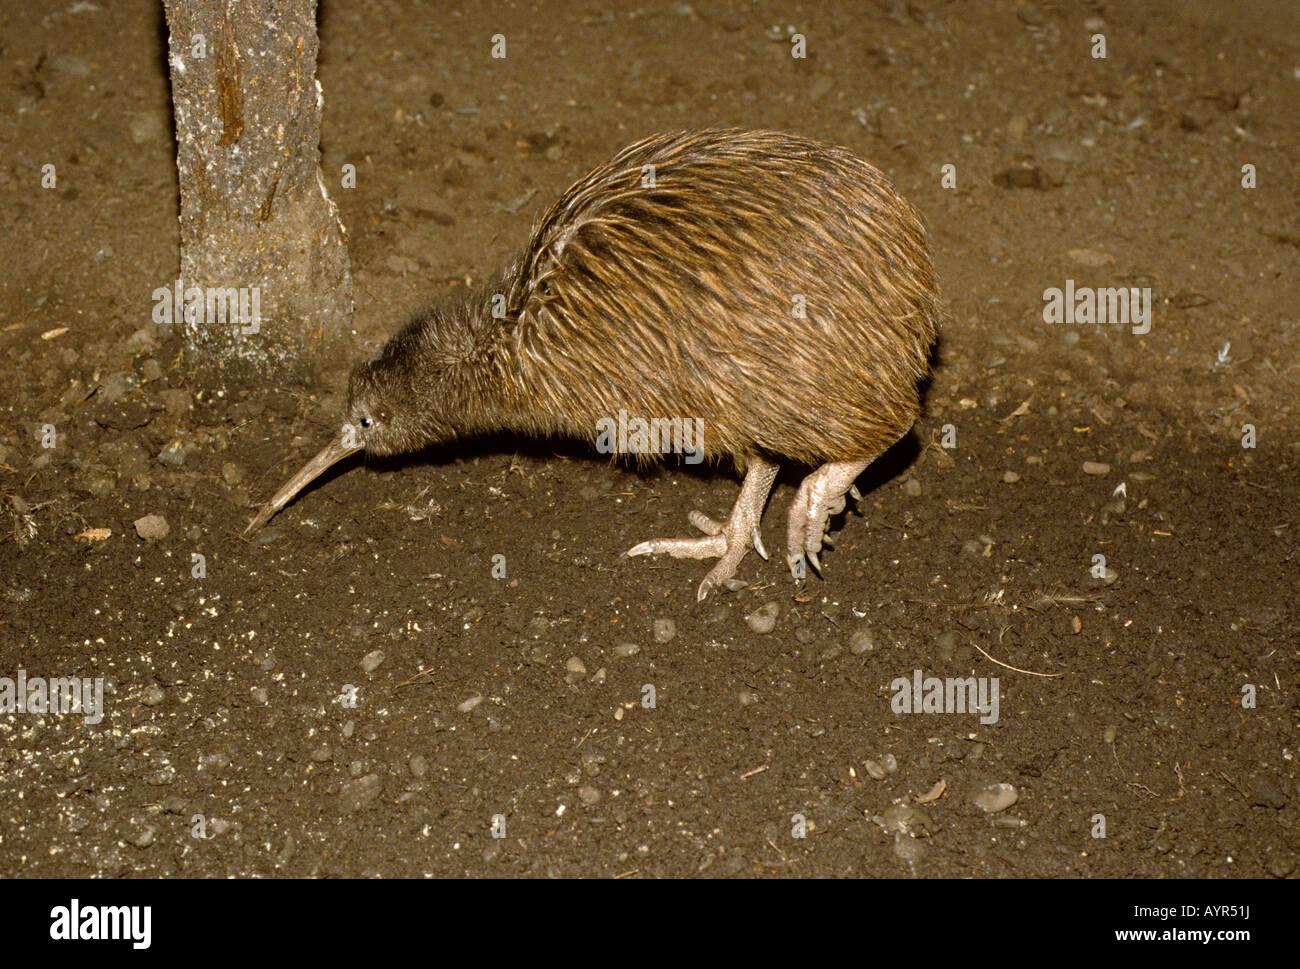 Kiwi (Apterygidae), South Island, New Zealand - Stock Image